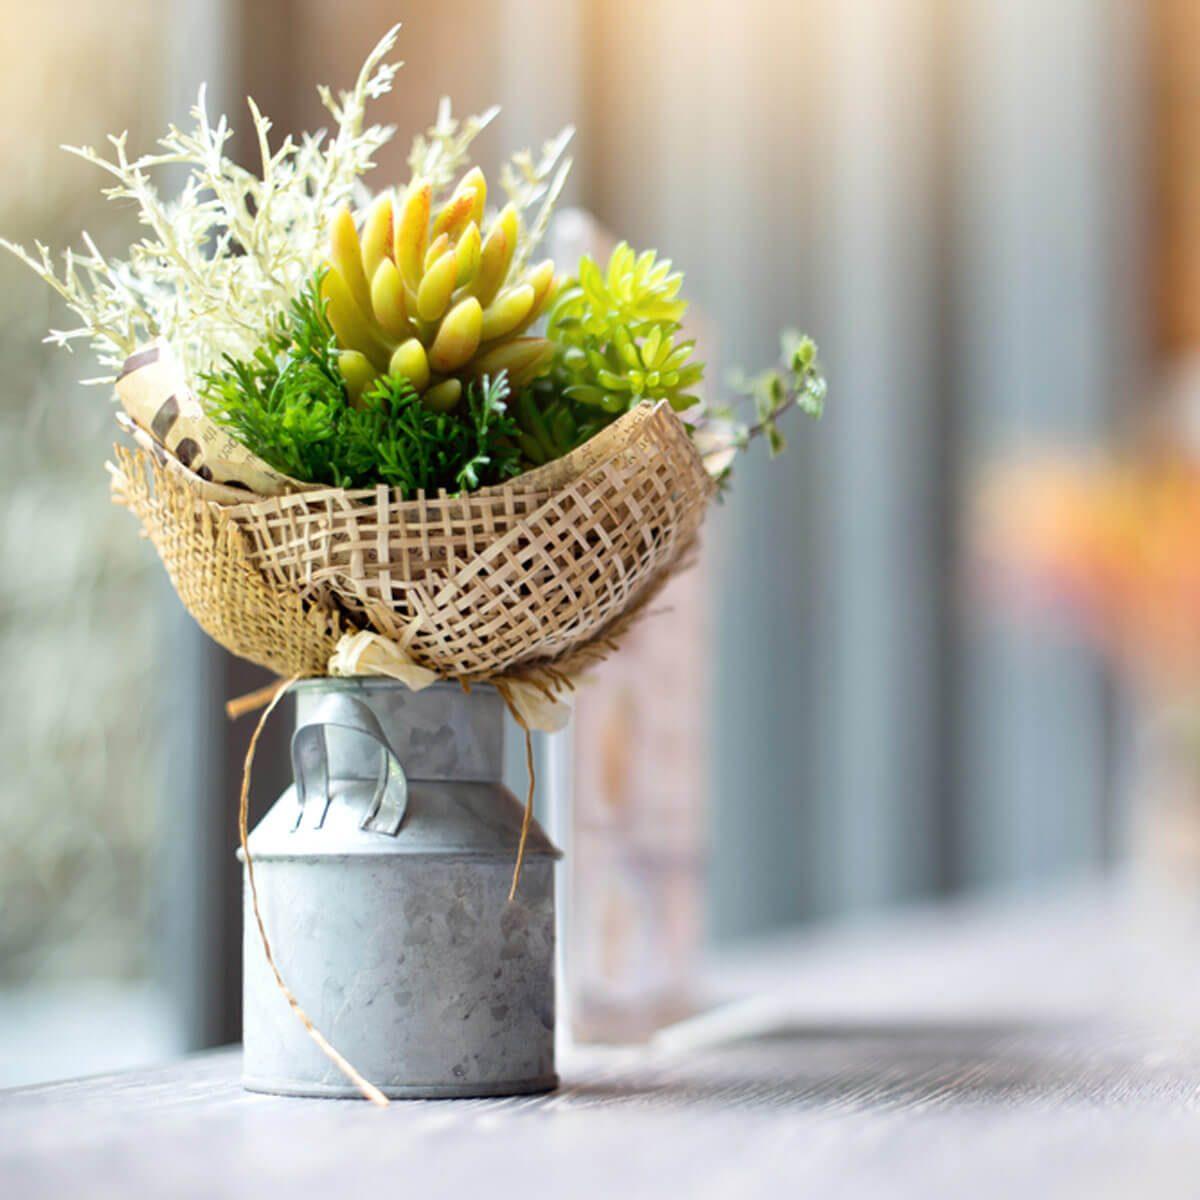 Homemade Flower Vase